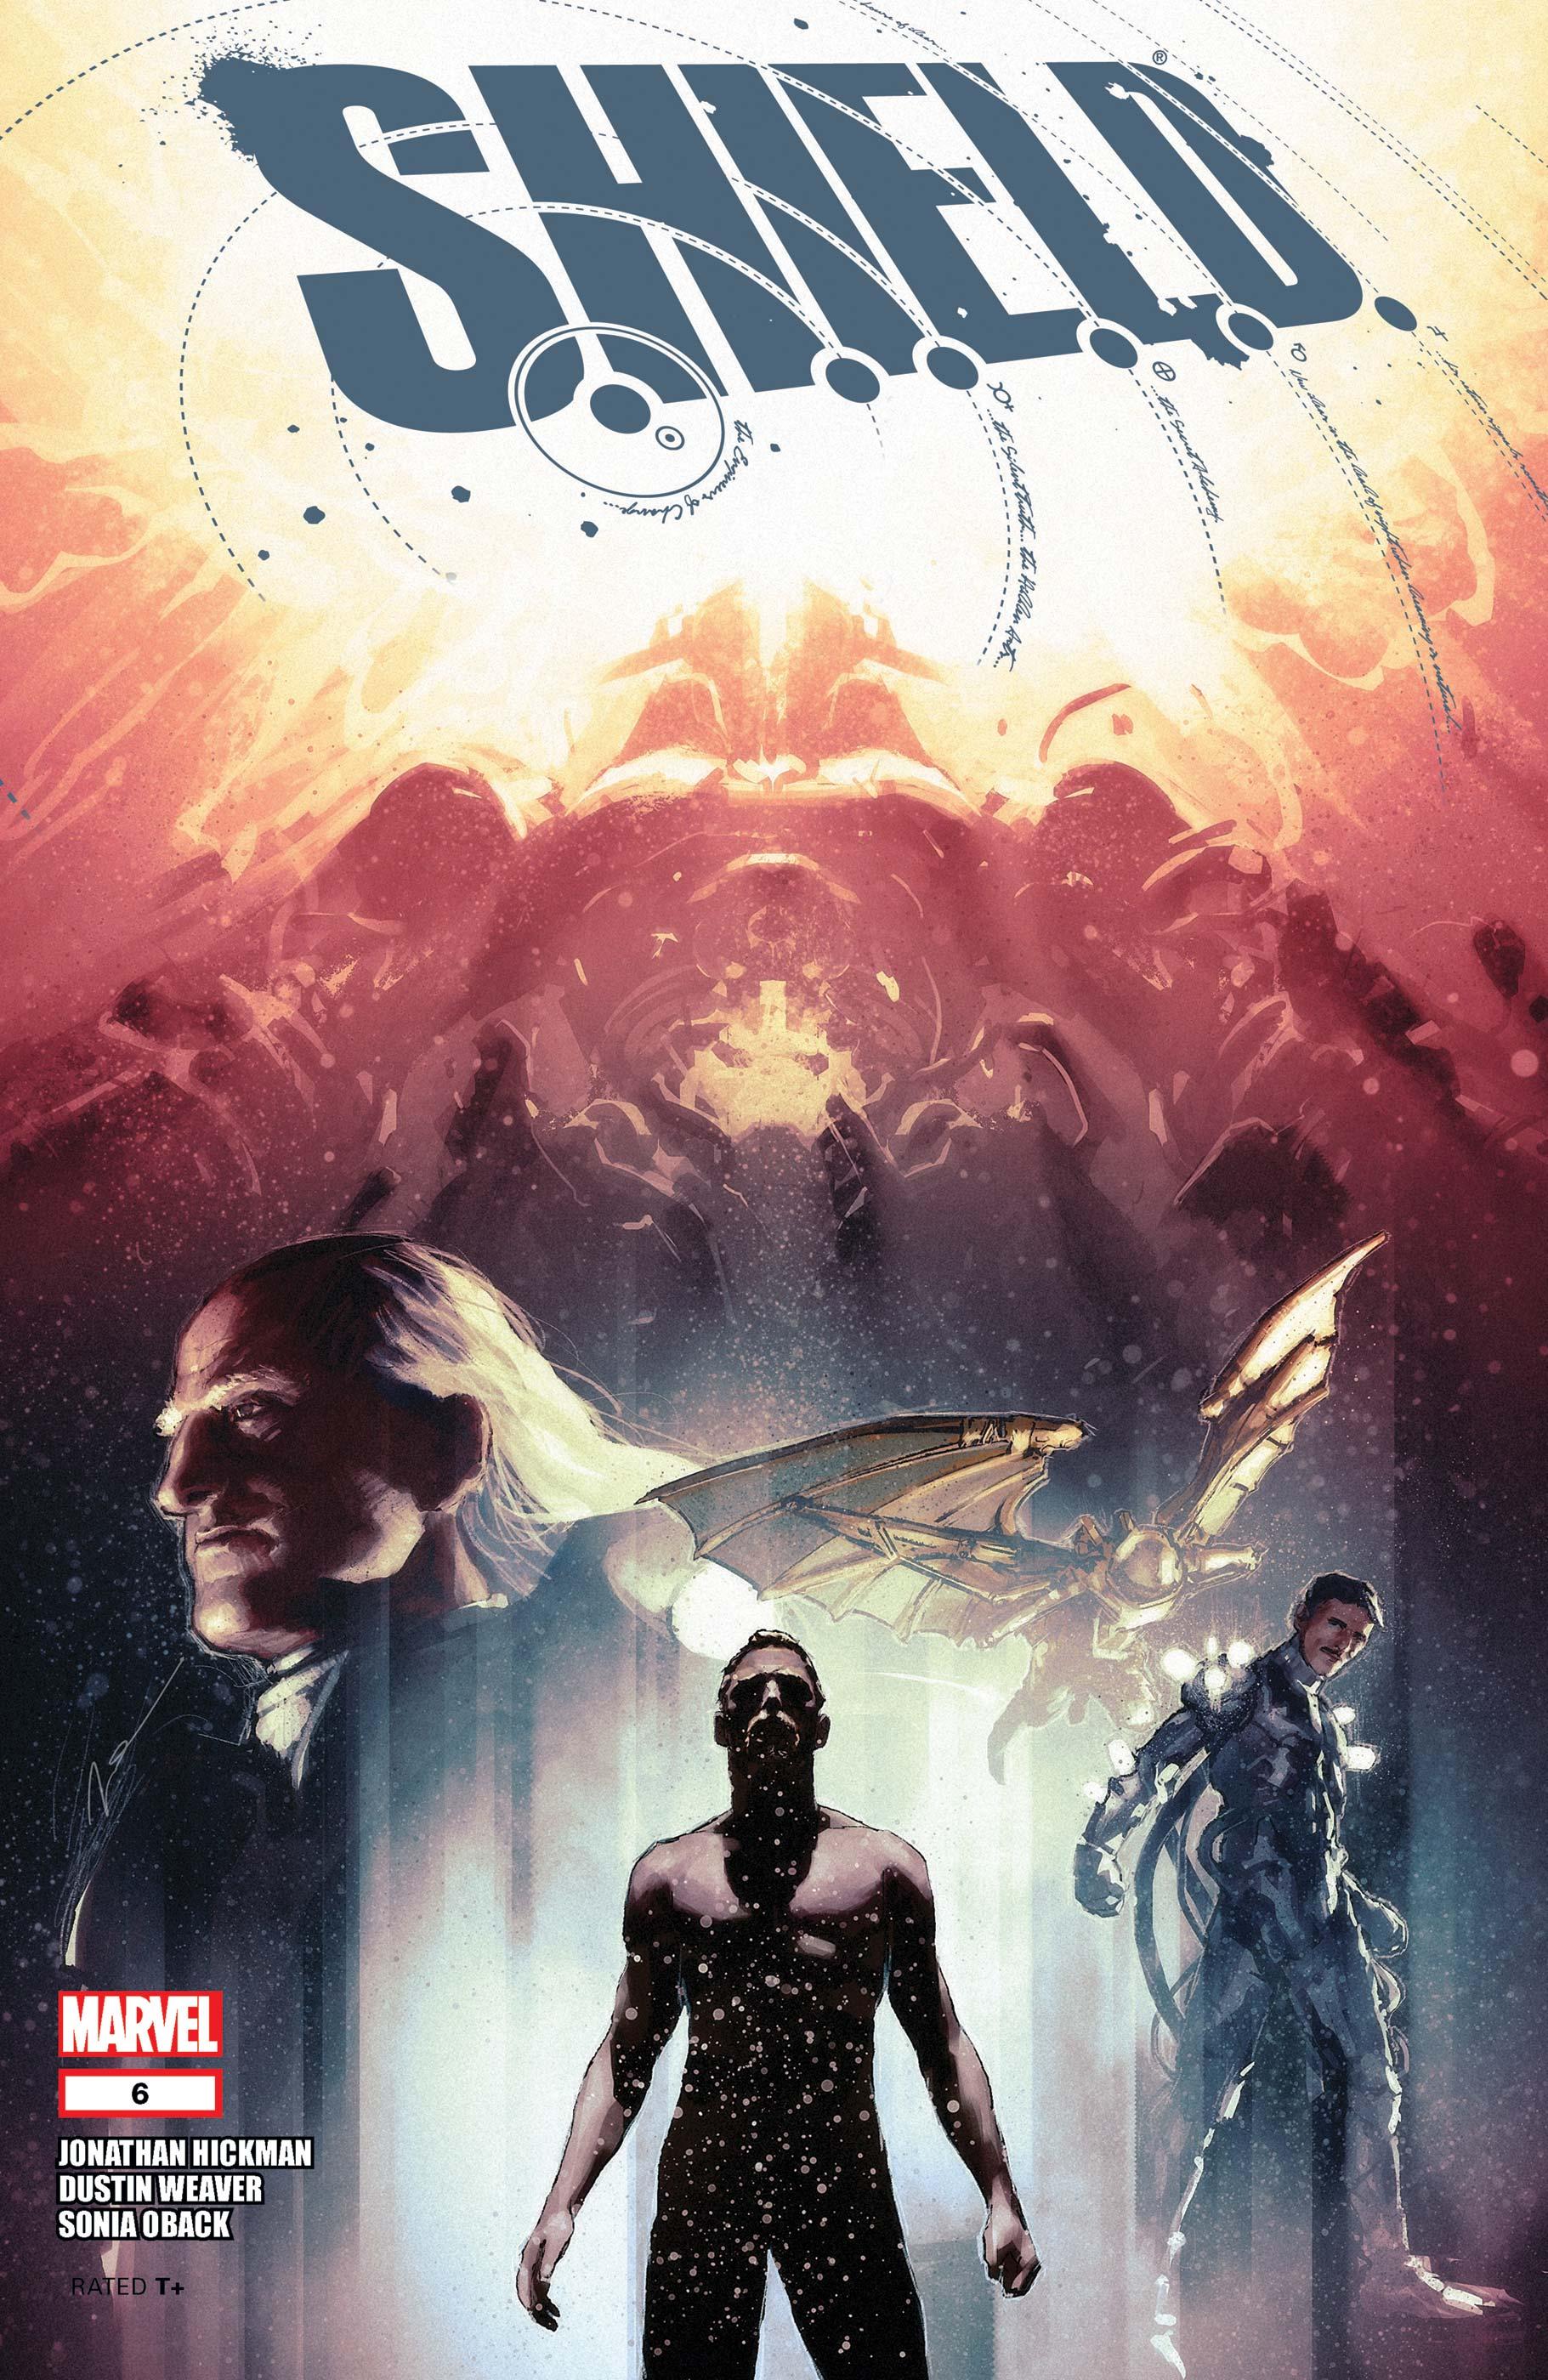 S.H.I.E.L.D. (2011) #6